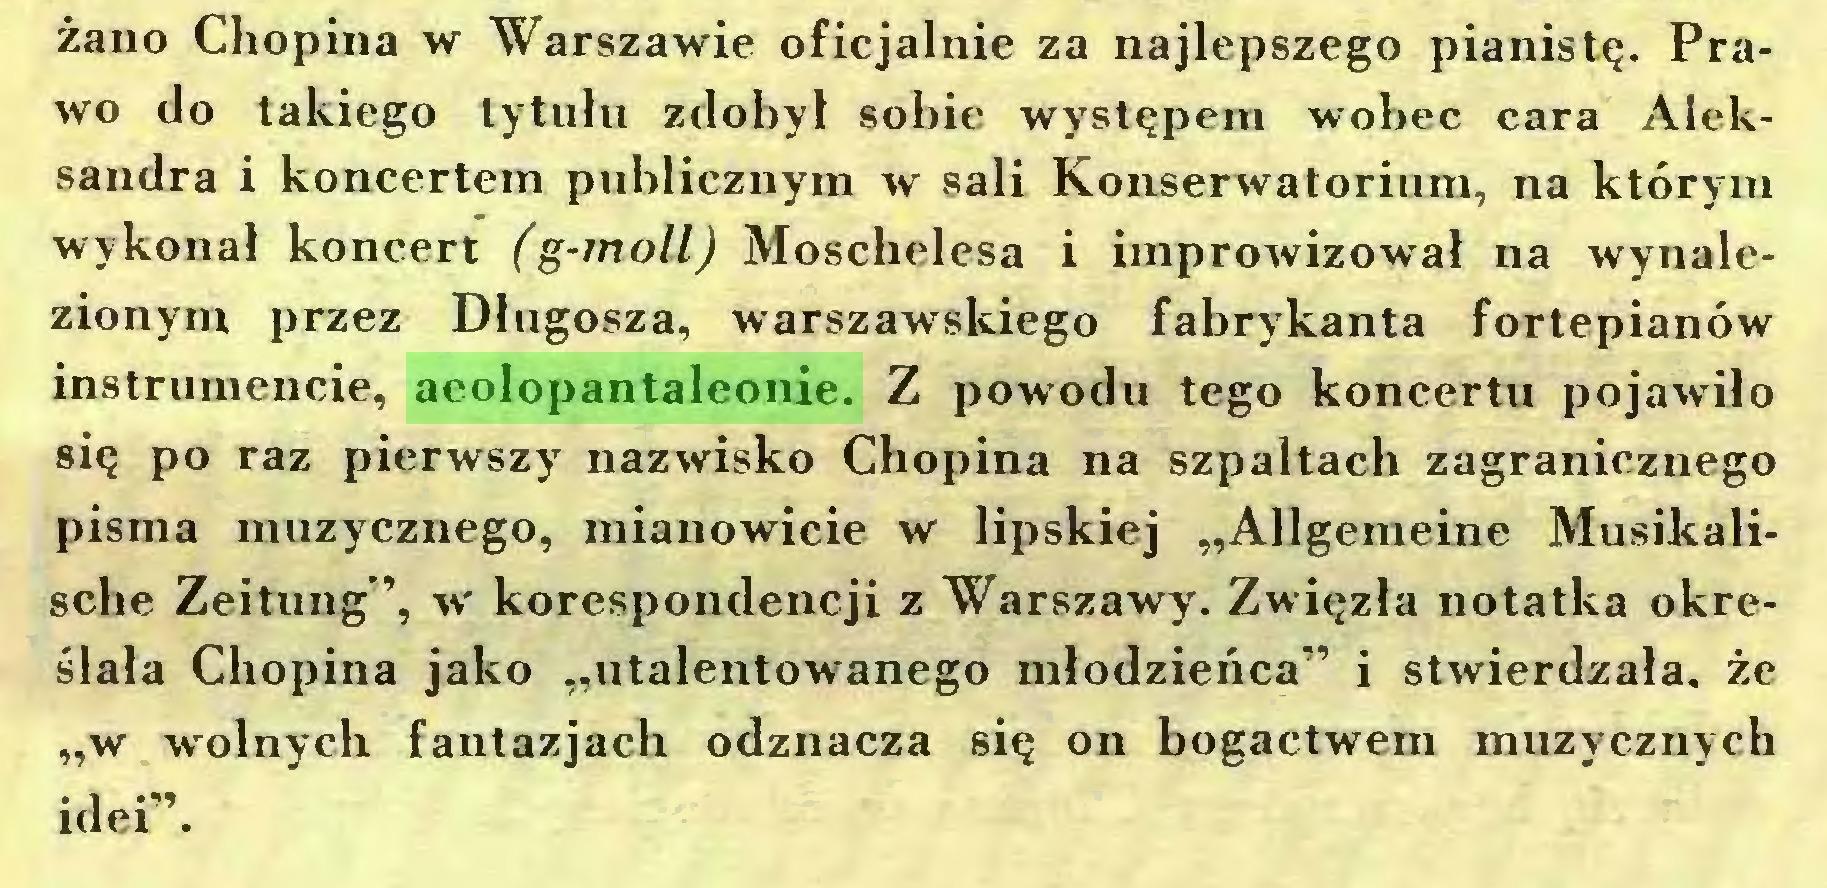 """(...) żano Chopina w Warszawie oficjalnie za najlepszego pianistę. Prawo do takiego tytułu zdobył sobie występem wobec cara Aleksandra i koncertem publicznym w sali Konserwatorium, na którym wykonał koncert (g-moll) Moschelesa i improwizował na wynalezionym przez Długosza, warszawskiego fabrykanta fortepianów instrumencie, aeolopantaleonie. Z powodu tego koncertu pojawiło się po raz pierwszy nazwisko Chopina na szpaltach zagranicznego pisma muzycznego, mianowicie w lipskiej """"Allgemeine Musikalische Zeitung'', w korespondencji z Warszawy. Zwięzła notatka określała Chopina jako """"utalentowanego młodzieńca"""" i stwierdzała, że """"w wolnych fantazjach odznacza się on bogactwem muzycznych idei""""..."""